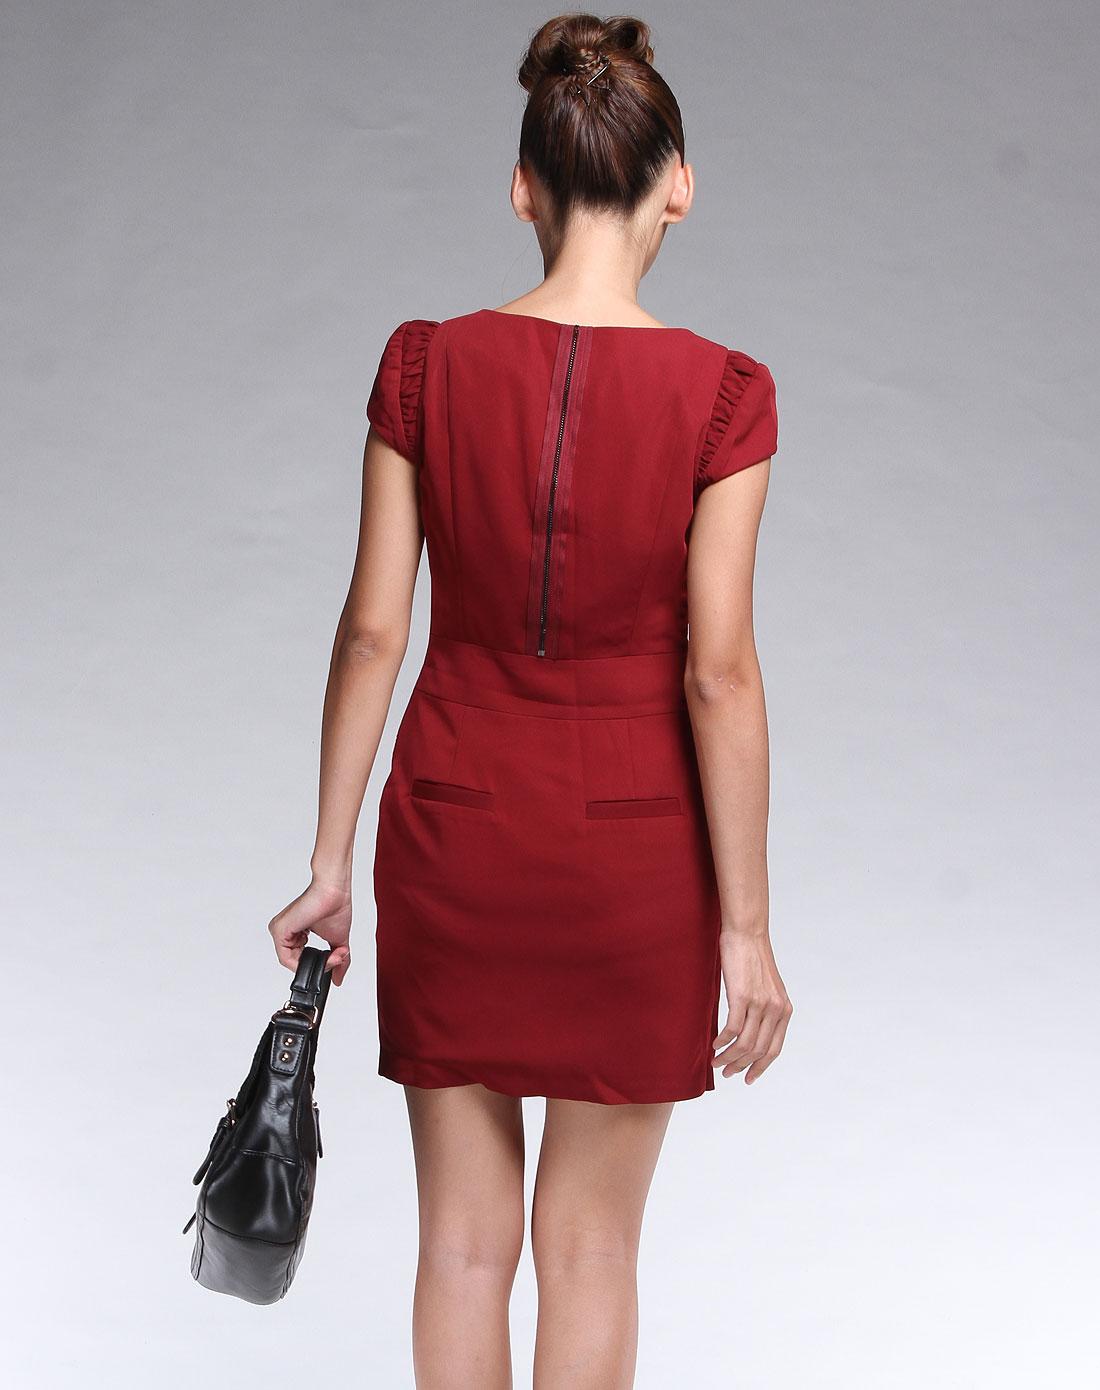 傲丝度isayido女装专场-酒红时尚装饰拉链短袖连衣裙